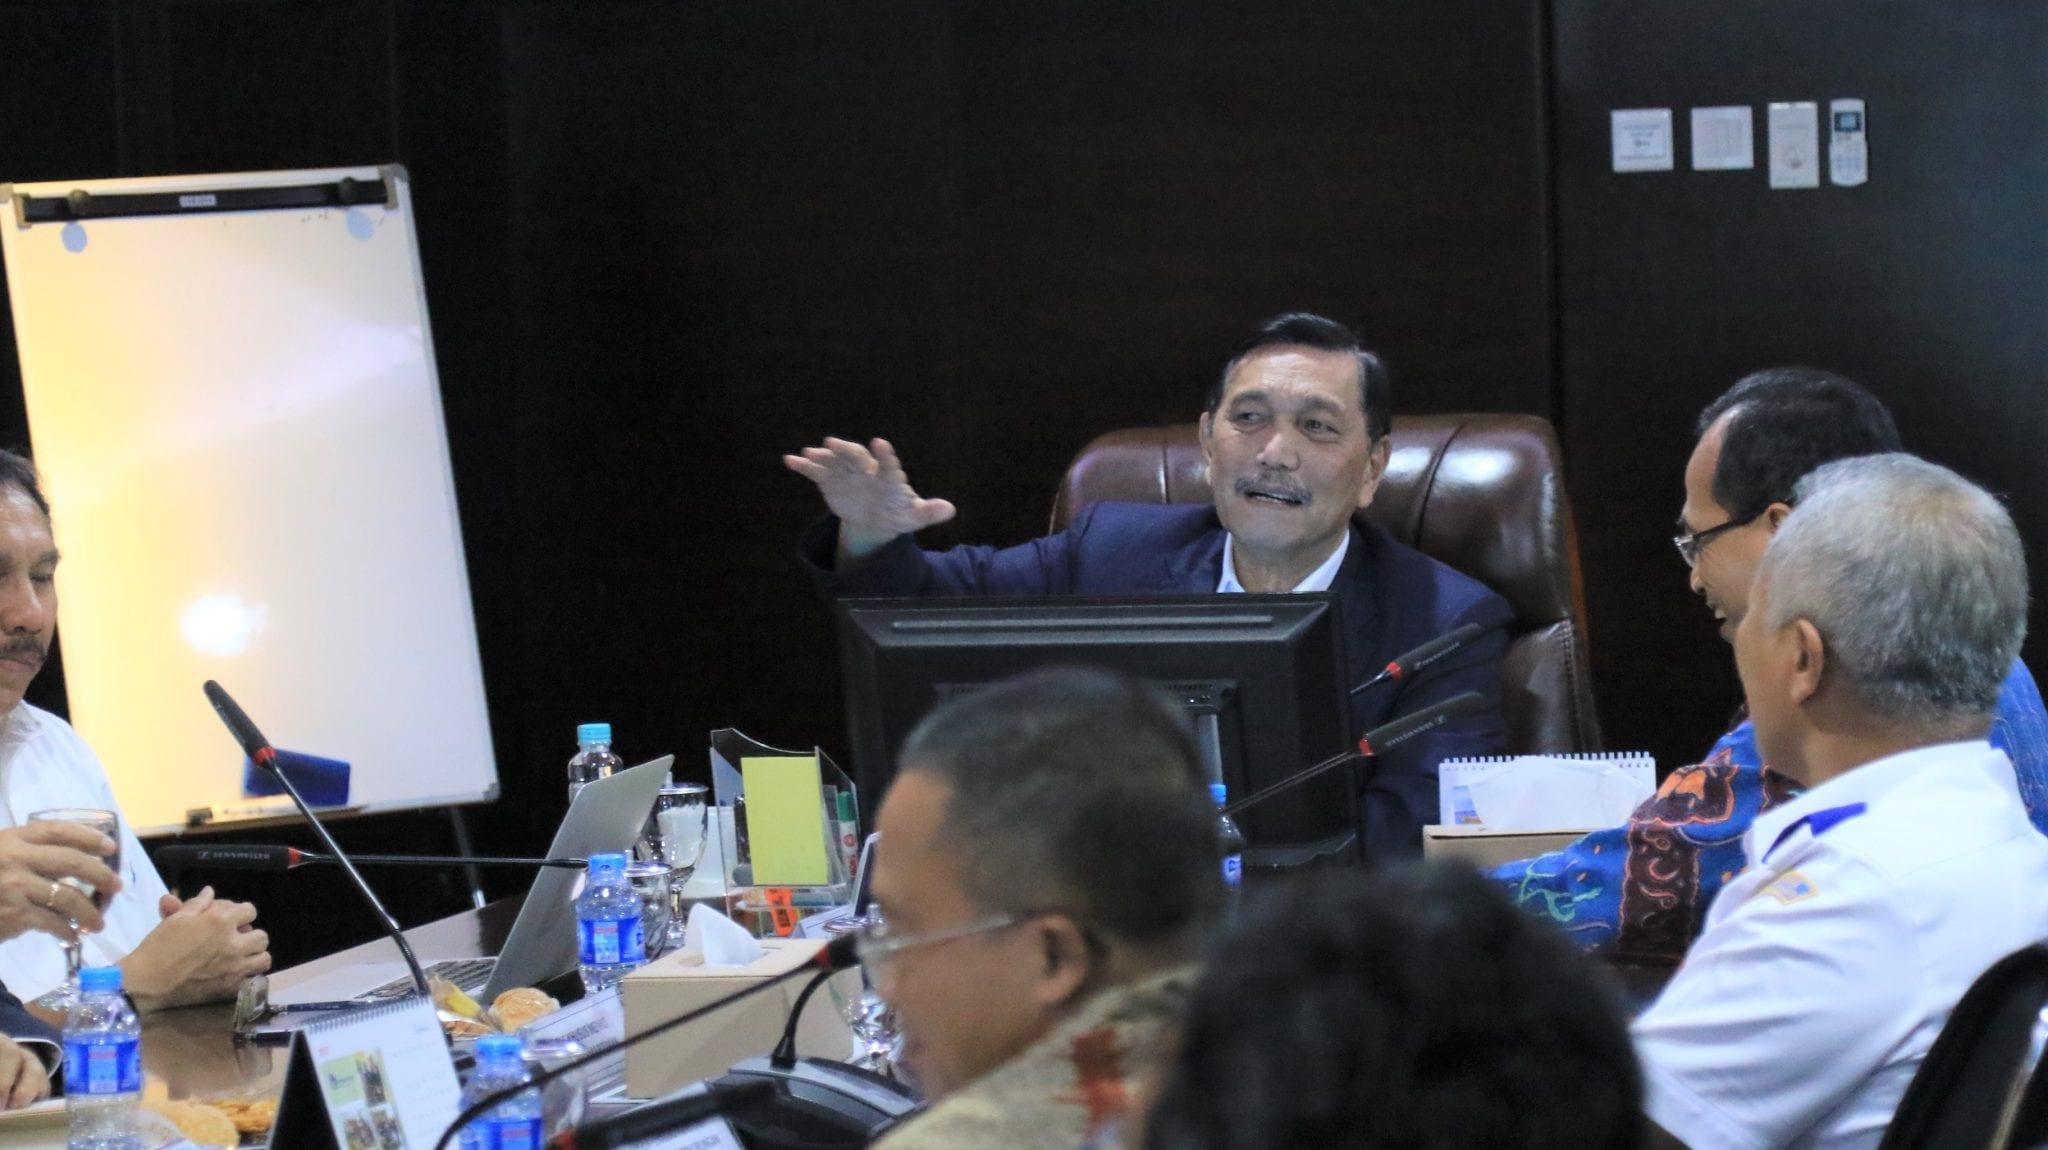 Menko Luhut Pimpin Rakor Mewujudkan Pelabuhan Indonesia yang Lebih Efektif dan Efisien